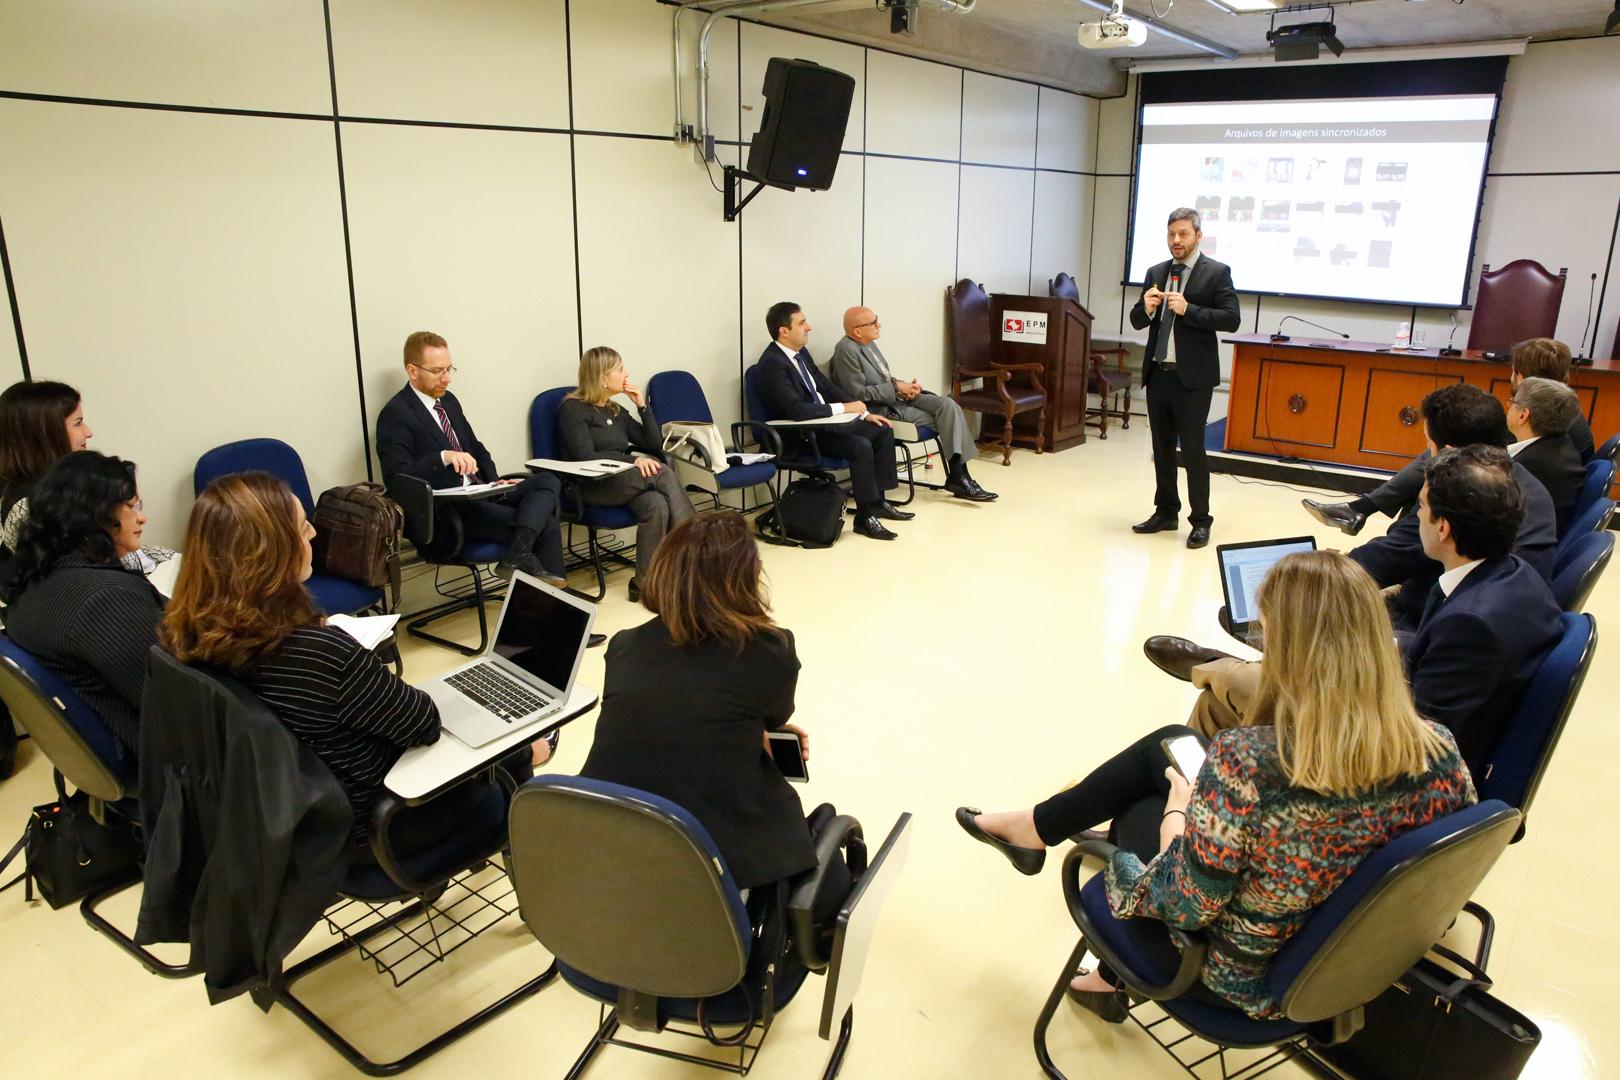 Núcleo de Estudos em Direito Digital retoma atividades com debate sobre investigação em fontes abertas e validade da prova